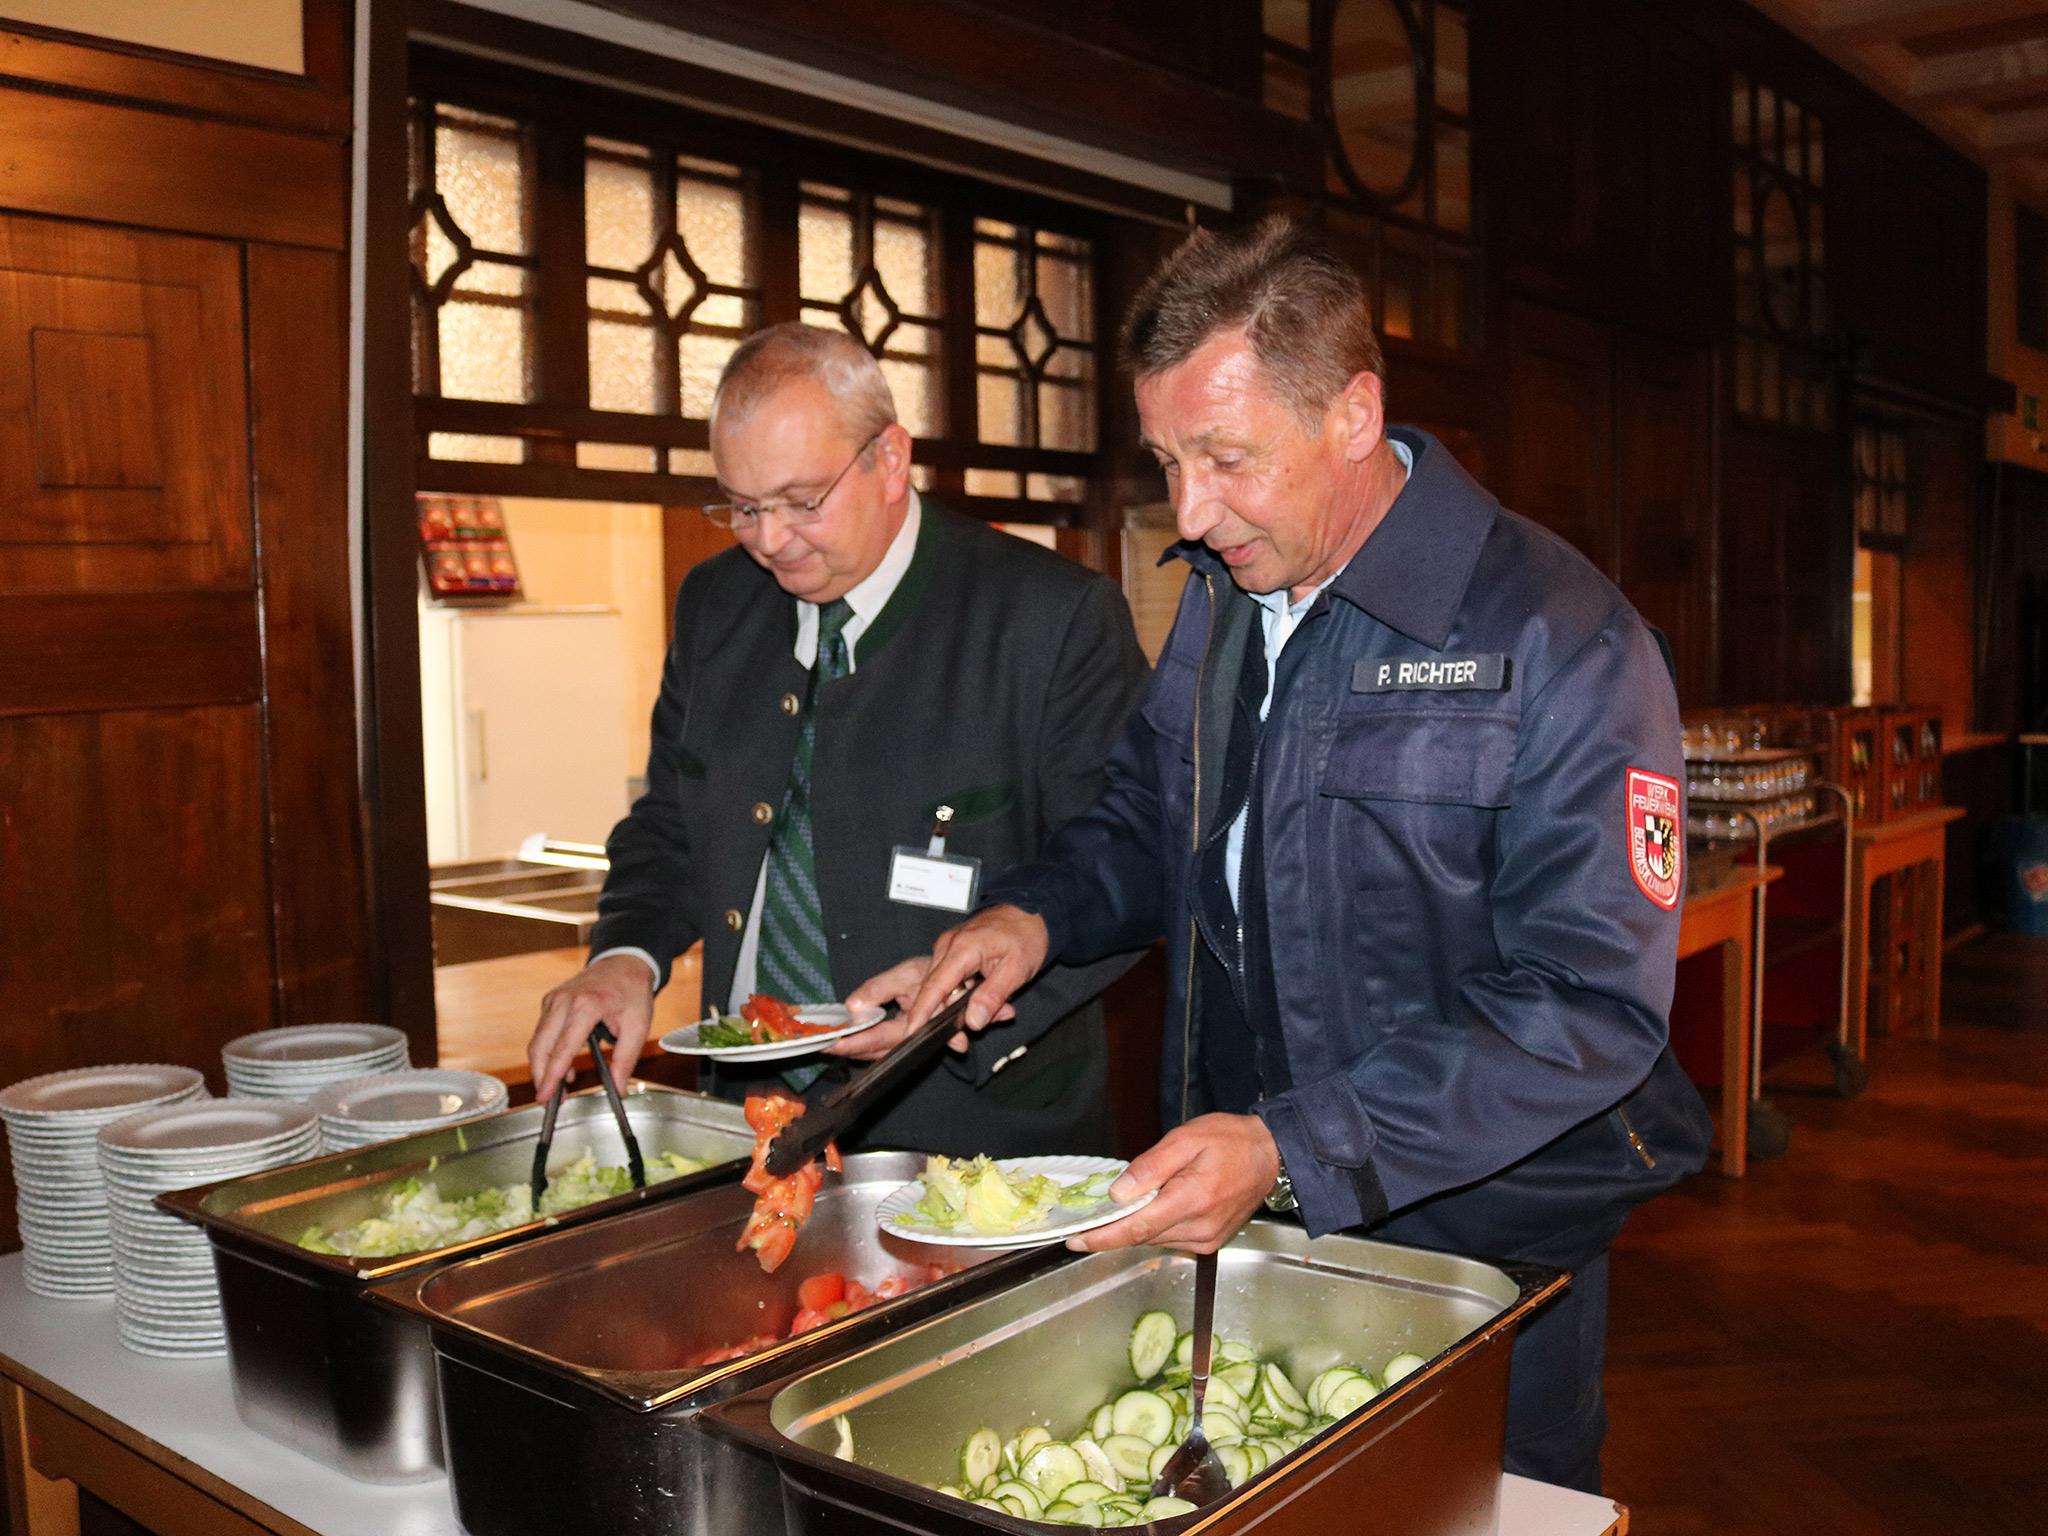 Markus Calana (Kaufmännischer Leiter) und Peter Richter (Leiter der Werkfeuerwehr) testen das vom THW zubereitete Essen. Foto: Bezirkskliniken Mittelfranken